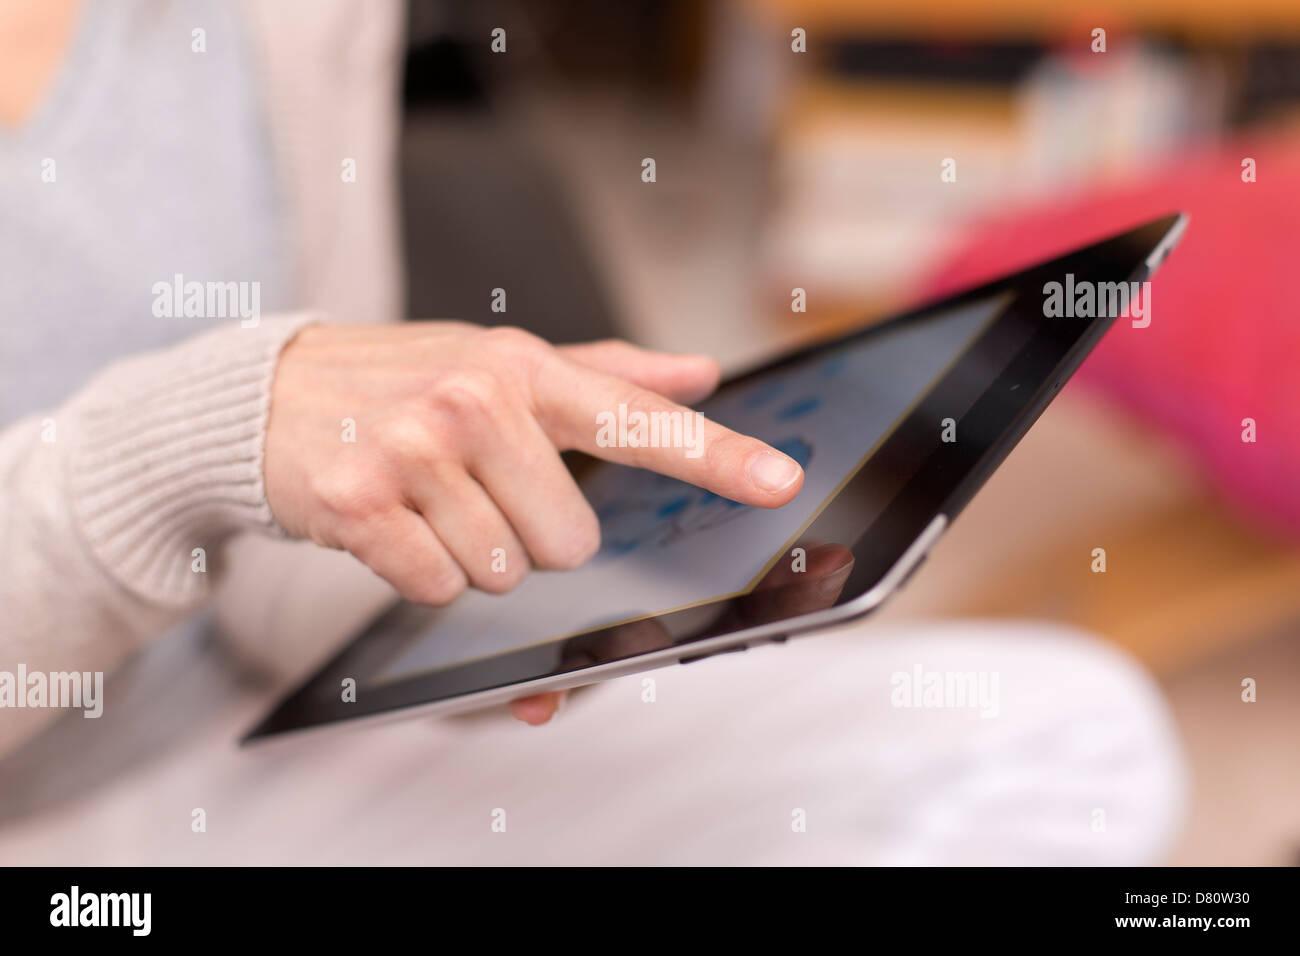 Weibchen mit digital-Tablette, Nahaufnahme Stockbild